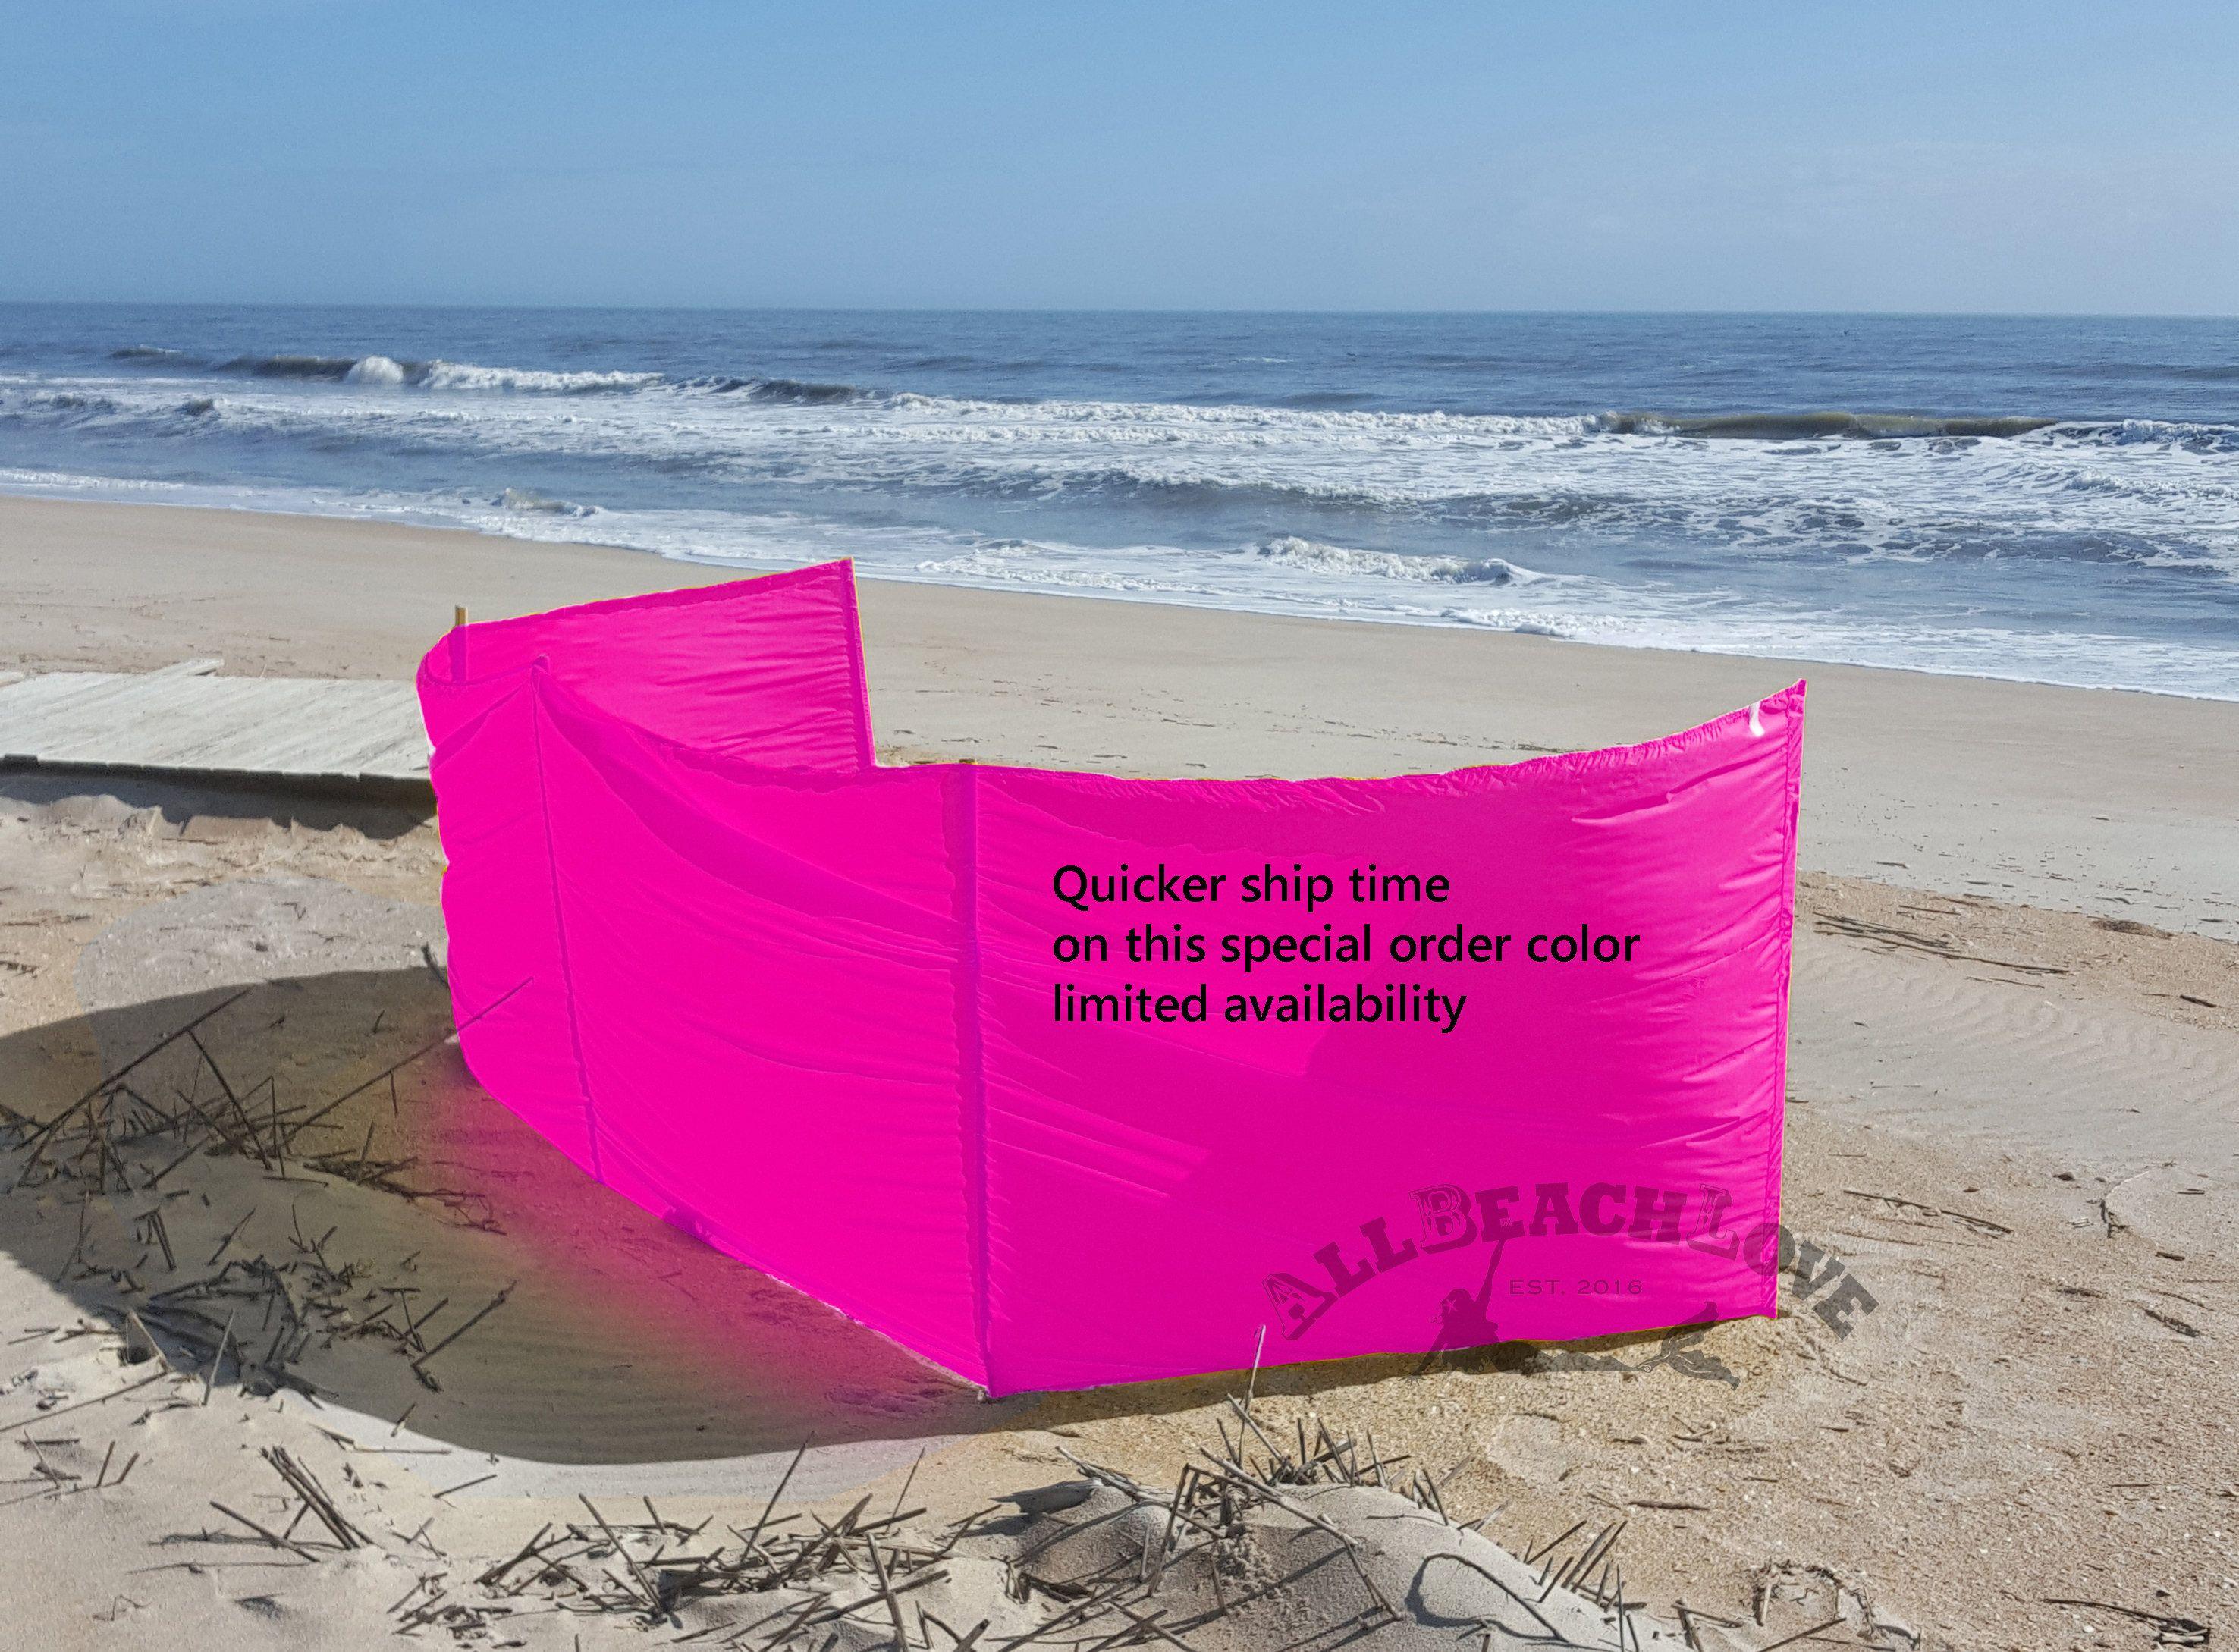 Allbeachlove Unique Beach Art Y Wear Jewelry Windscreens